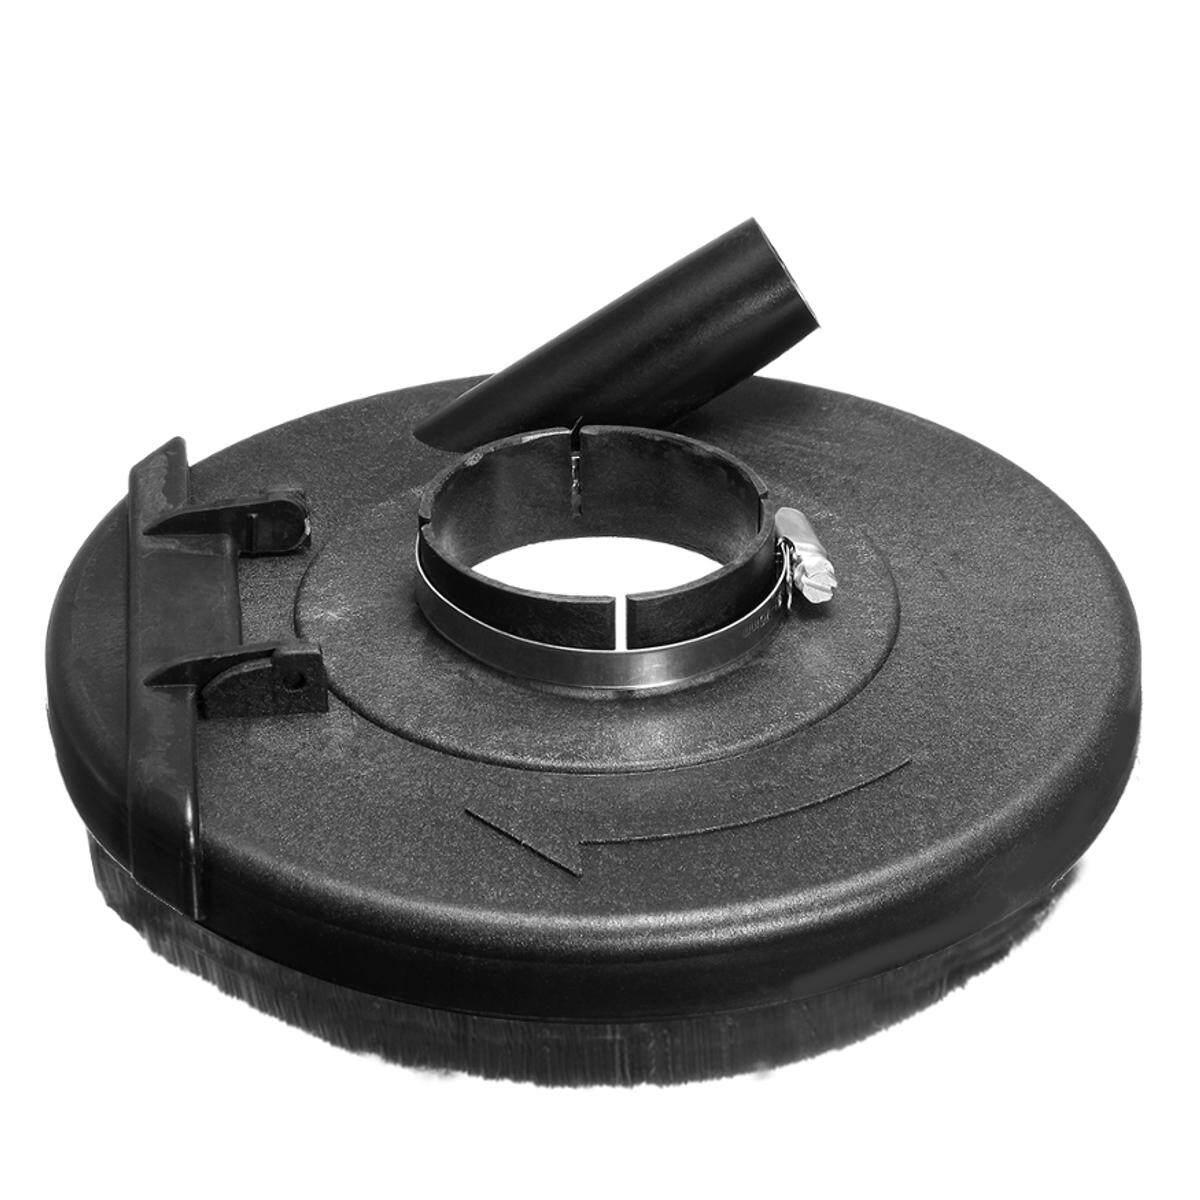 Máy hút bụi tấm vải liệm dành cho máy mài góc tay chuyển đổi Cao 1 #38mm (1.5 )